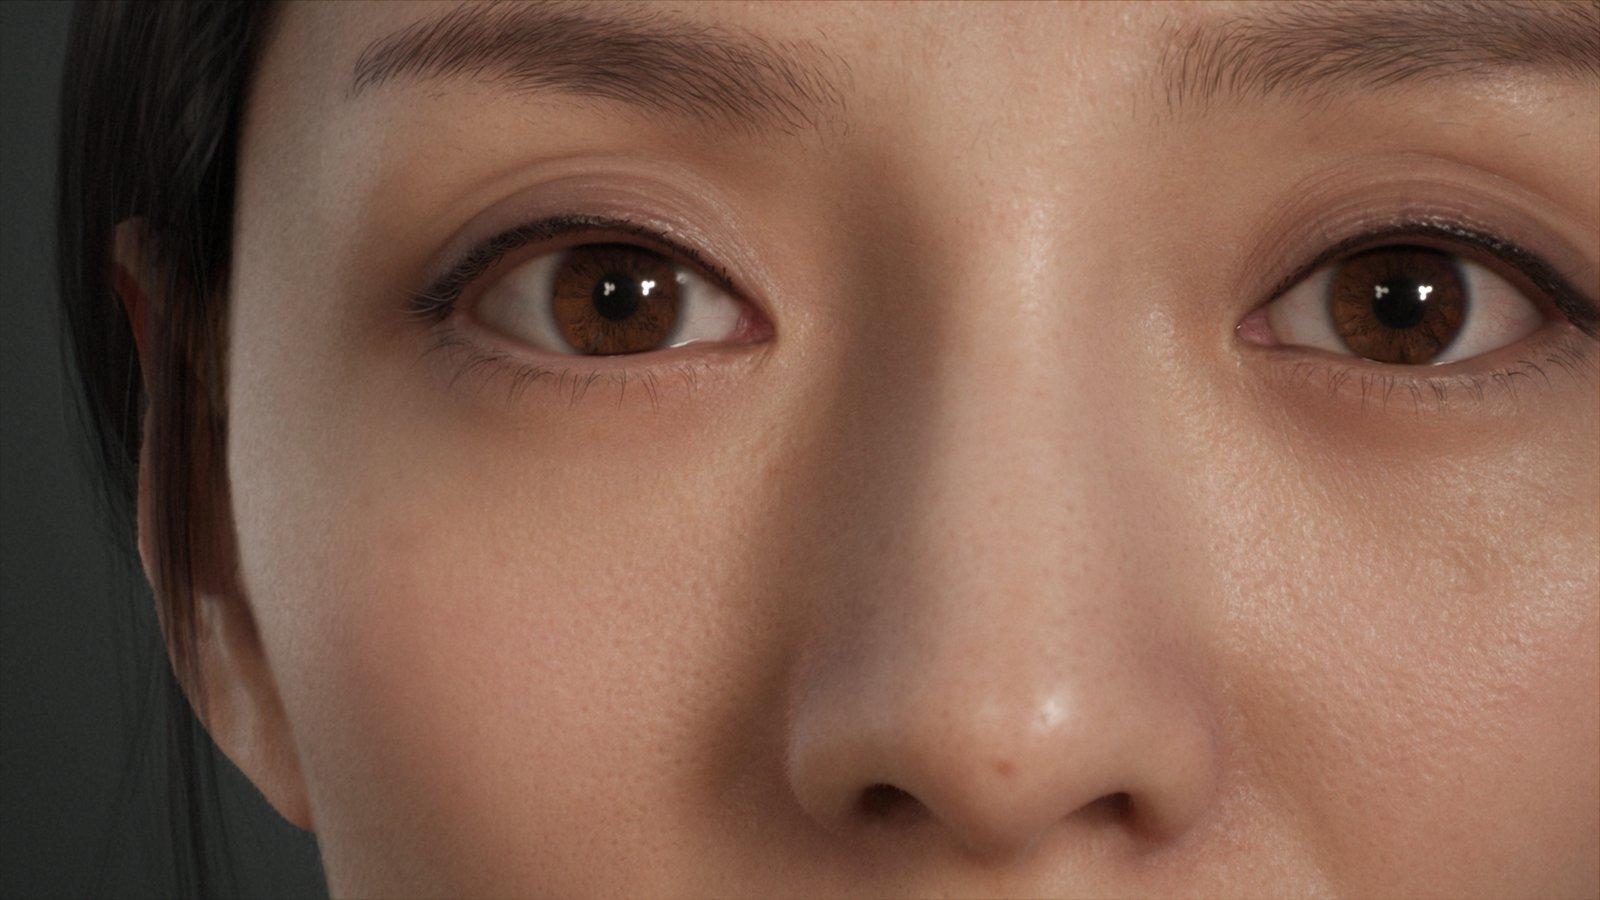 Unreal engine entre CGI y realidad-sirena.jpg